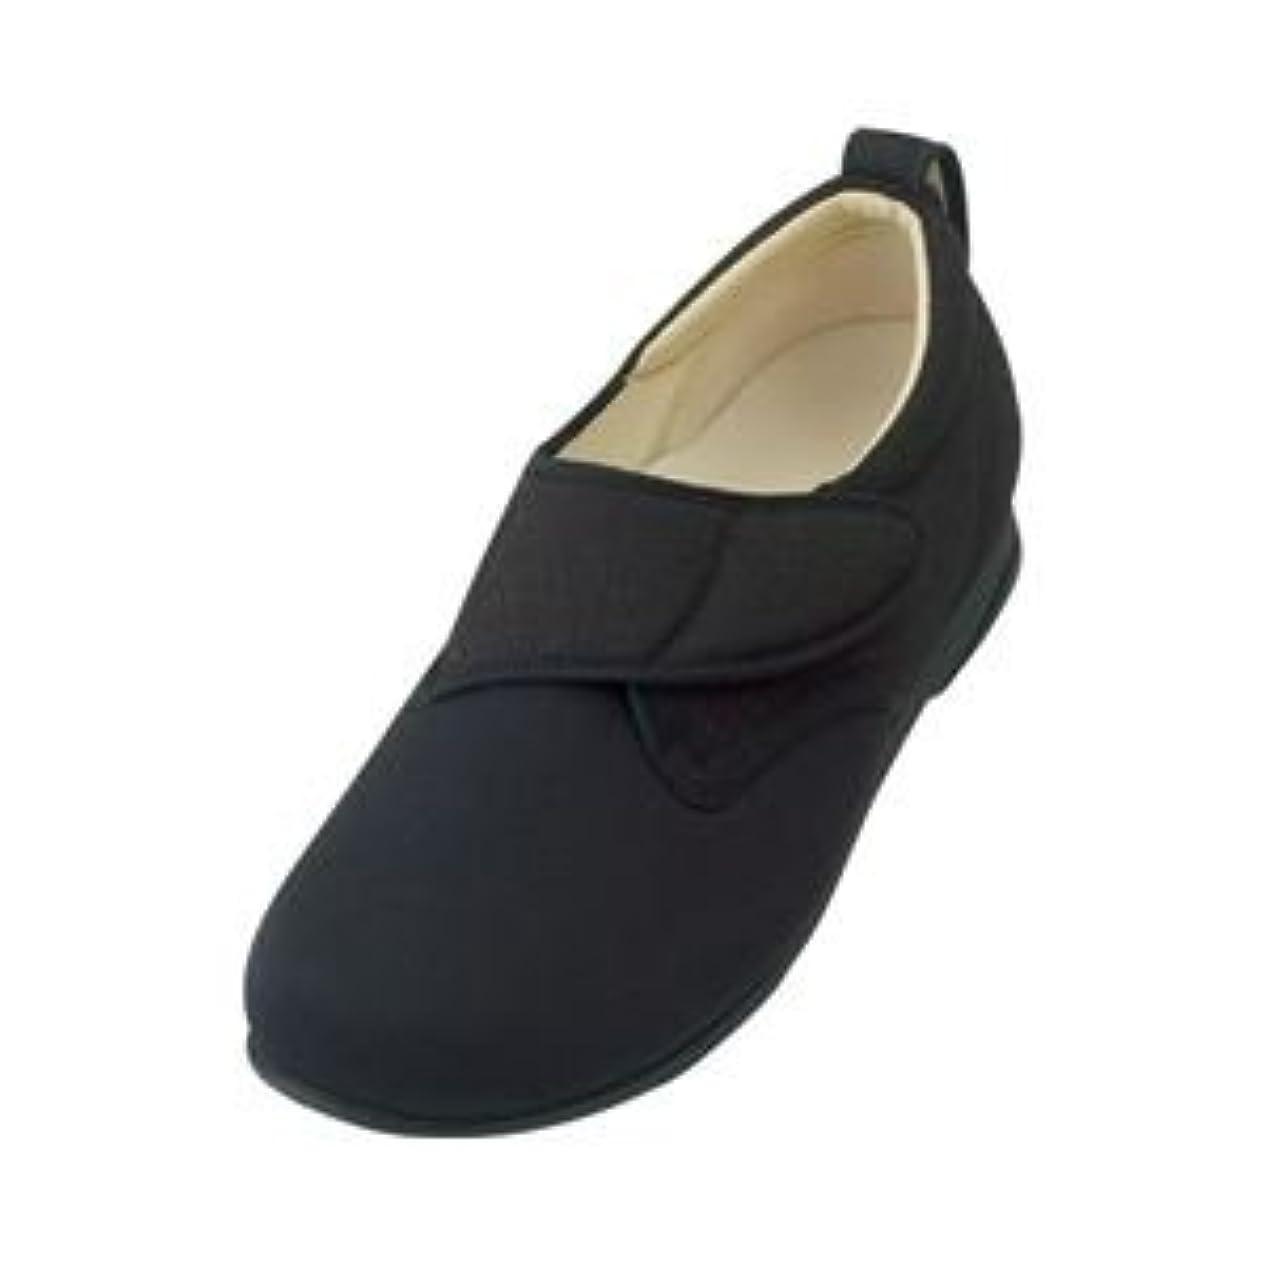 コンクリートかもしれないサイクロプス介護靴 施設?院内用 ウィングストレッチ 1102 両足 徳武産業 あゆみシリーズ /3L (25.0~25.5cm) 黒